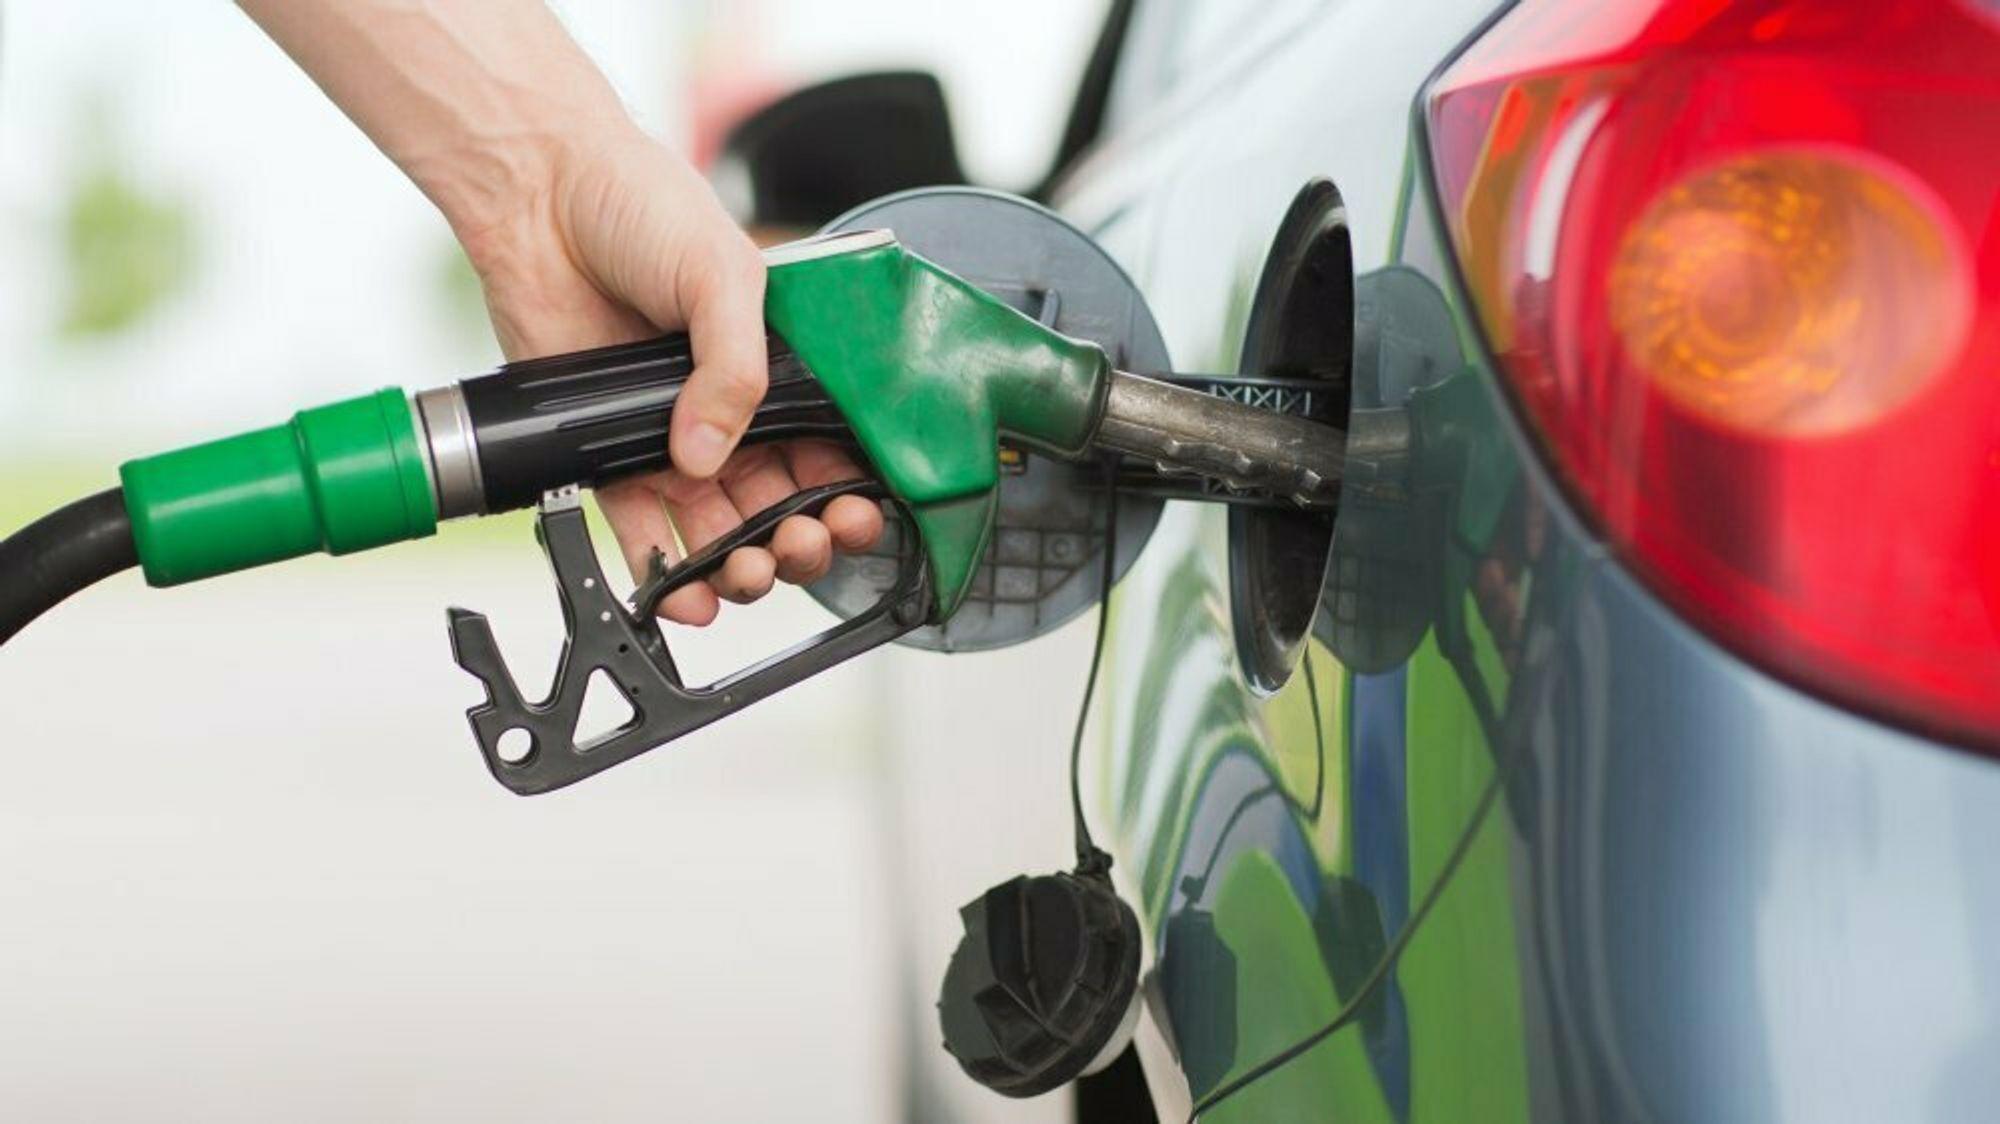 Flytende biodrivstoff bidro til å kutte Norges utslipp med 1,3 millioner tonn CO2 i 2019, men økt bruk av biodrivstoff fra palmeolje bekymrer miljøvernere.